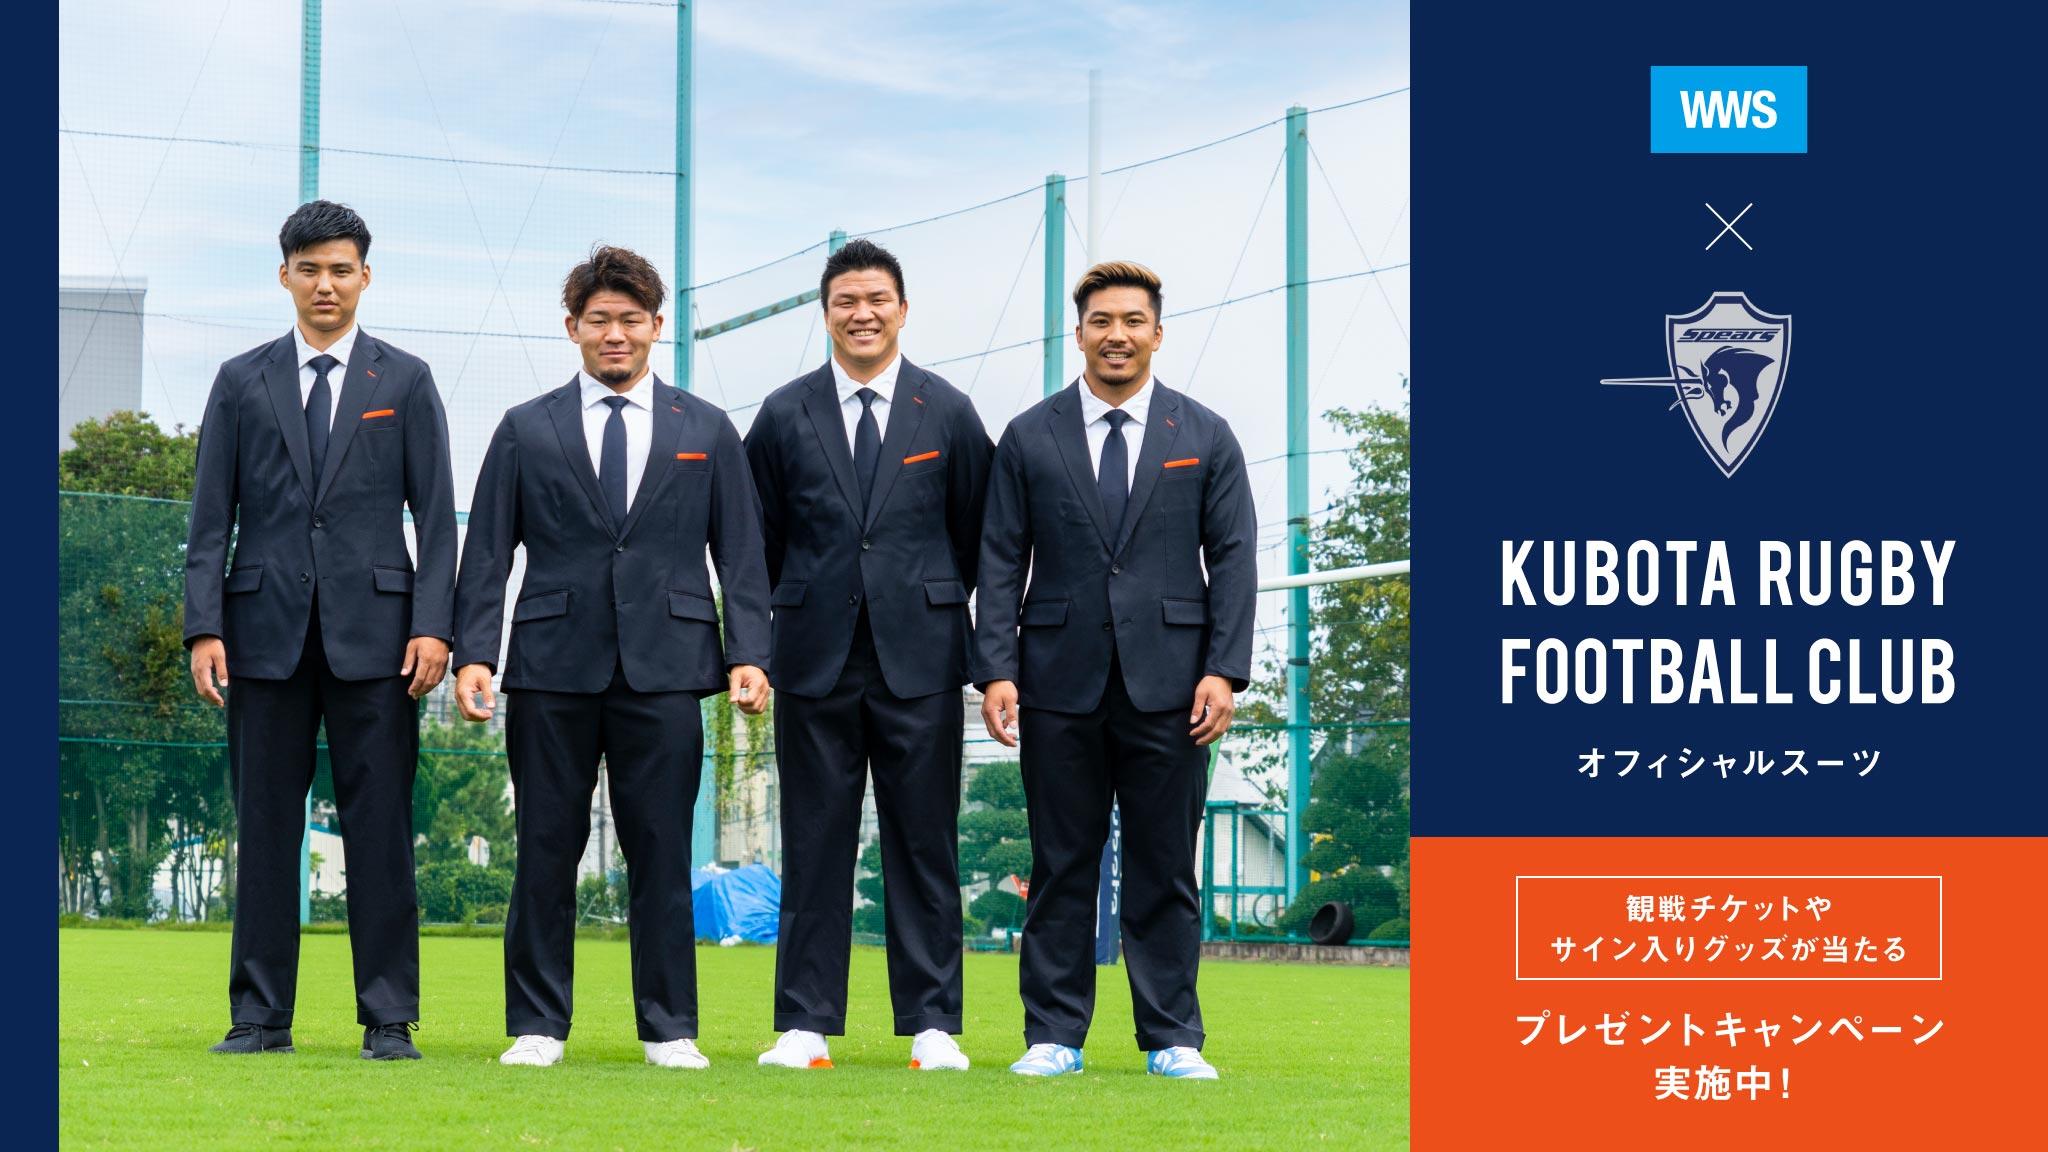 <キャンペーン実施中>WWS x KUBOTA RUGBY FOOTBALL CLUB オフィシャルスーツ